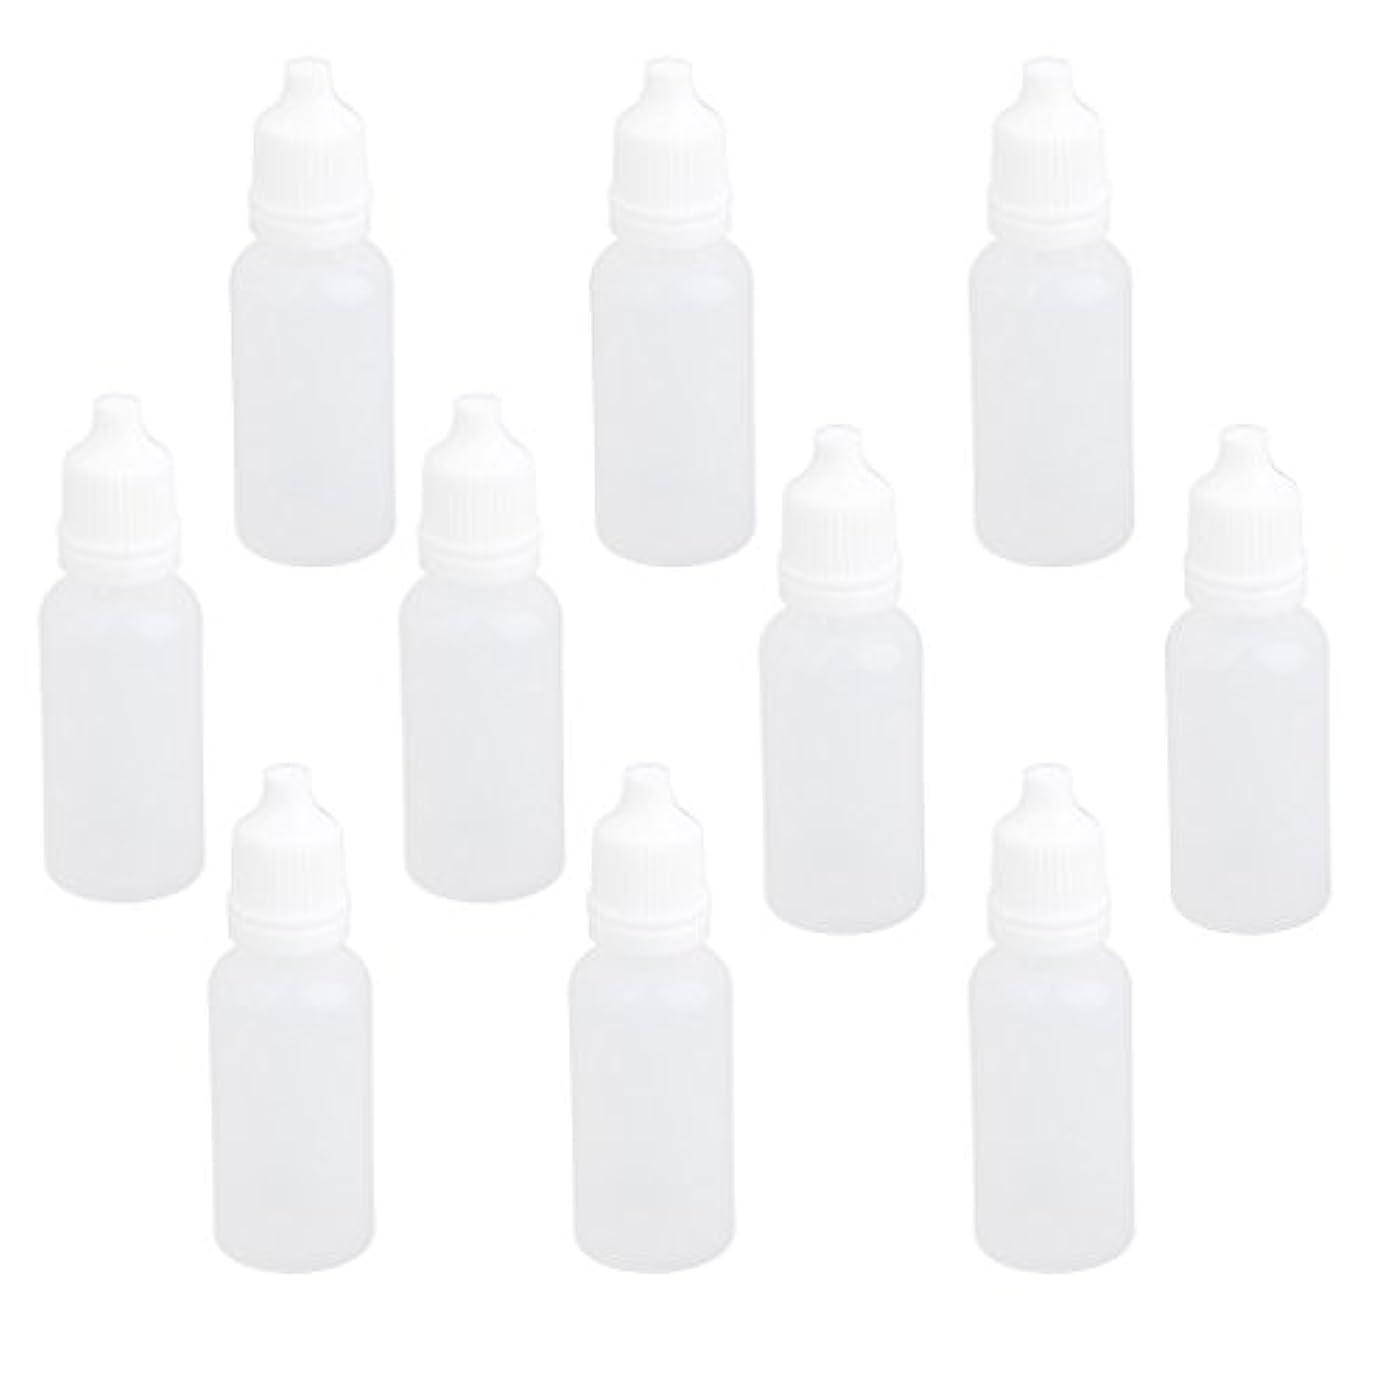 彼女の草政令【ノーブランド品】ドロッパーボトル 点眼 液体 貯蔵用 滴瓶 プラスチック製 10個 (15ml)